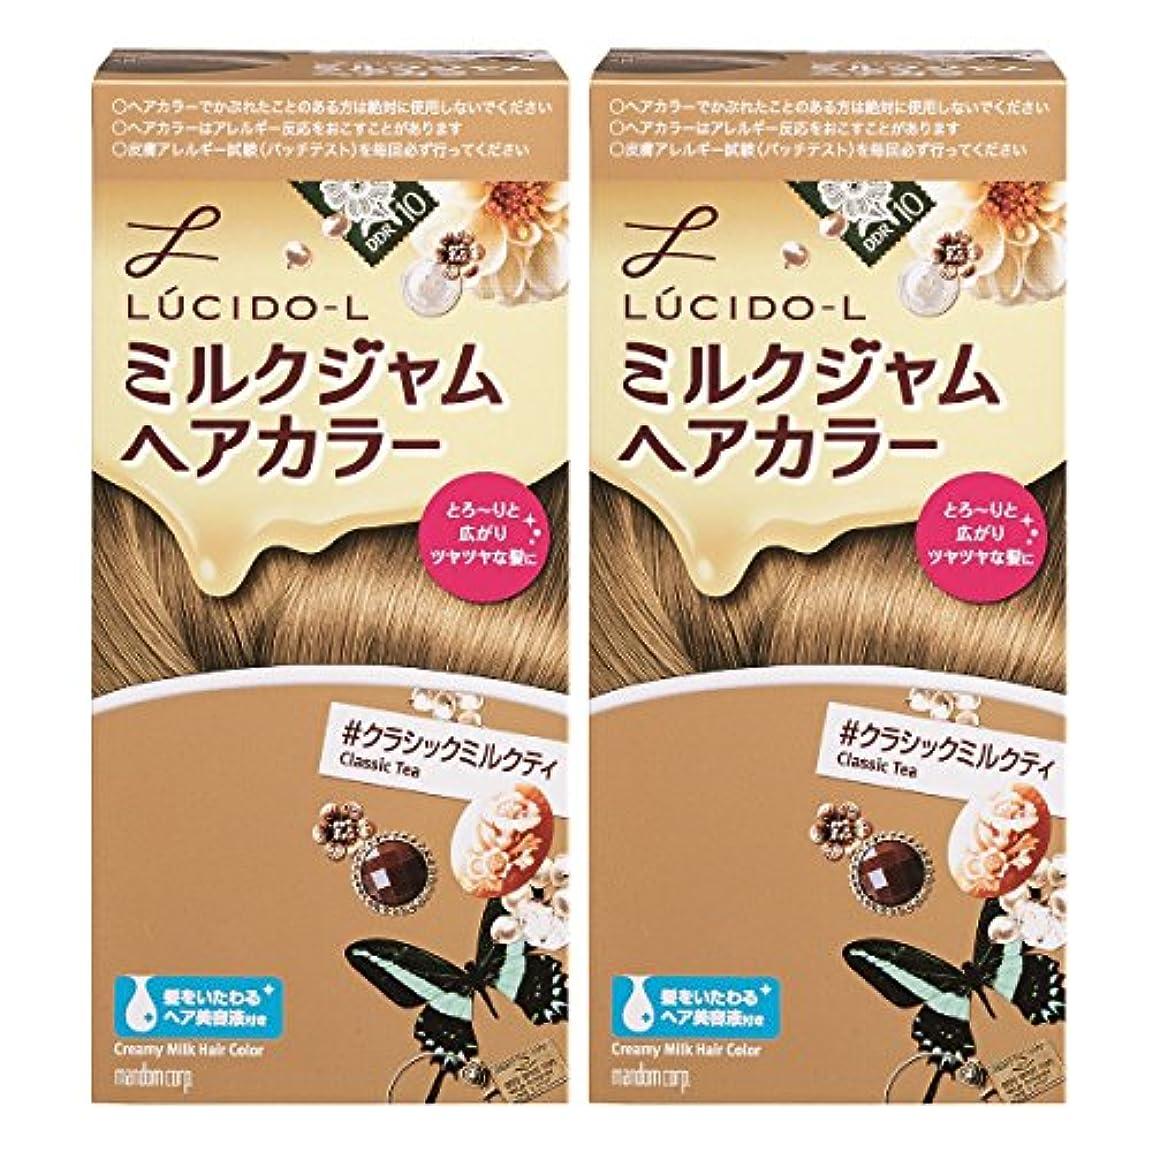 ドロー見かけ上科学的【まとめ買い】LUCIDO-L (ルシードエル) ミルクジャムヘアカラー #クラシックミルクティ×2個パック(医薬部外品)